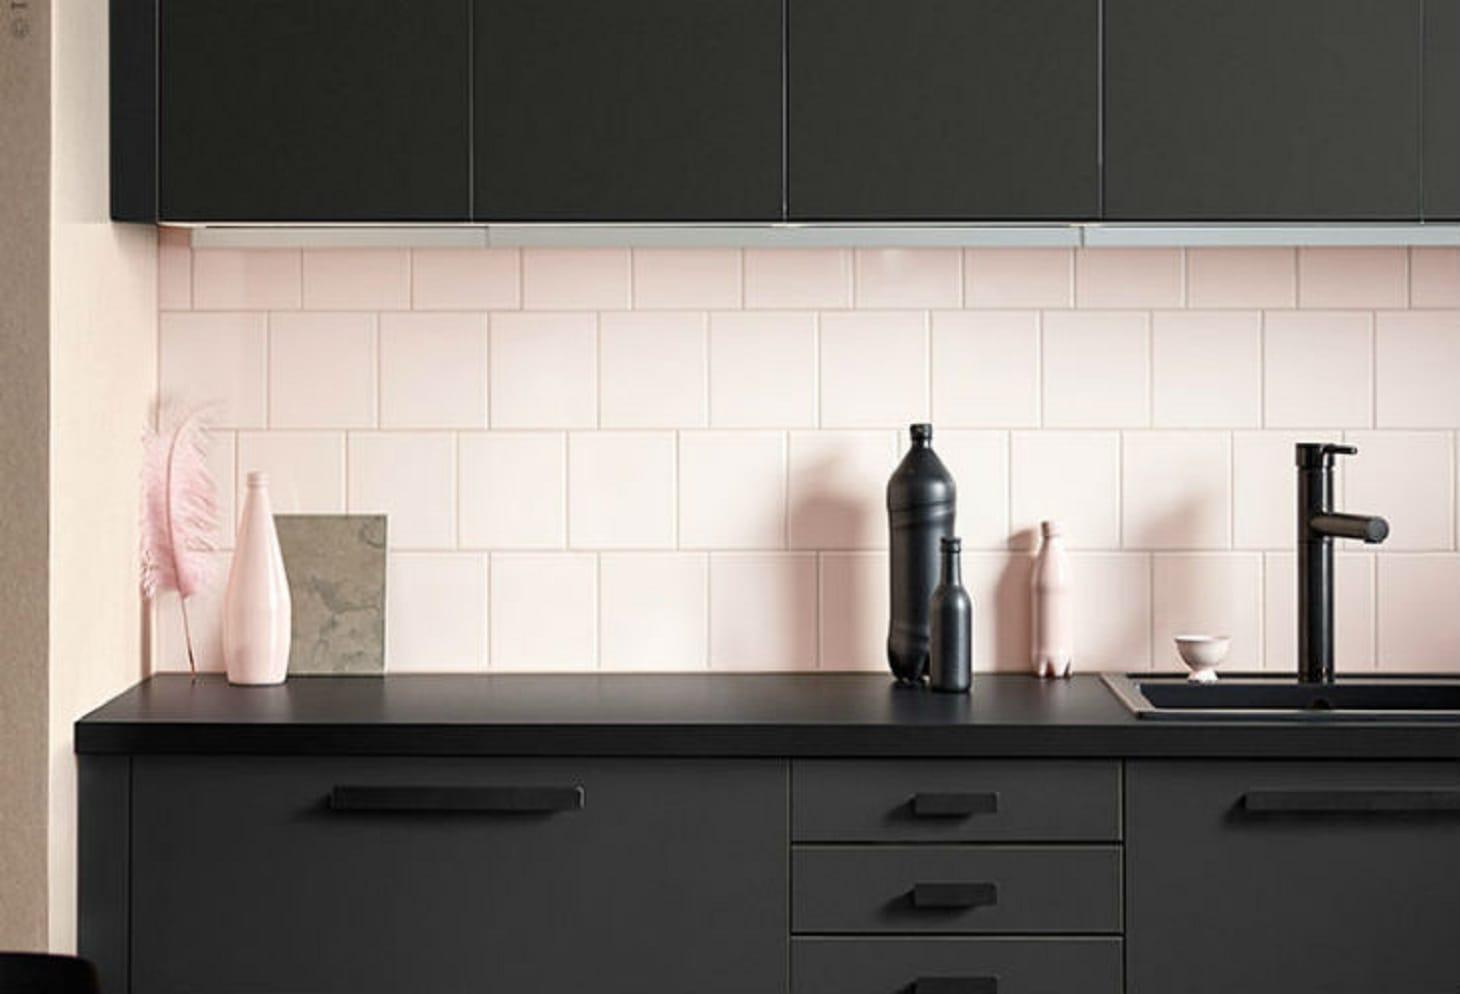 Kungsbacka la cucina in plastica riciclata di ikea - Prodotti ikea cucina ...